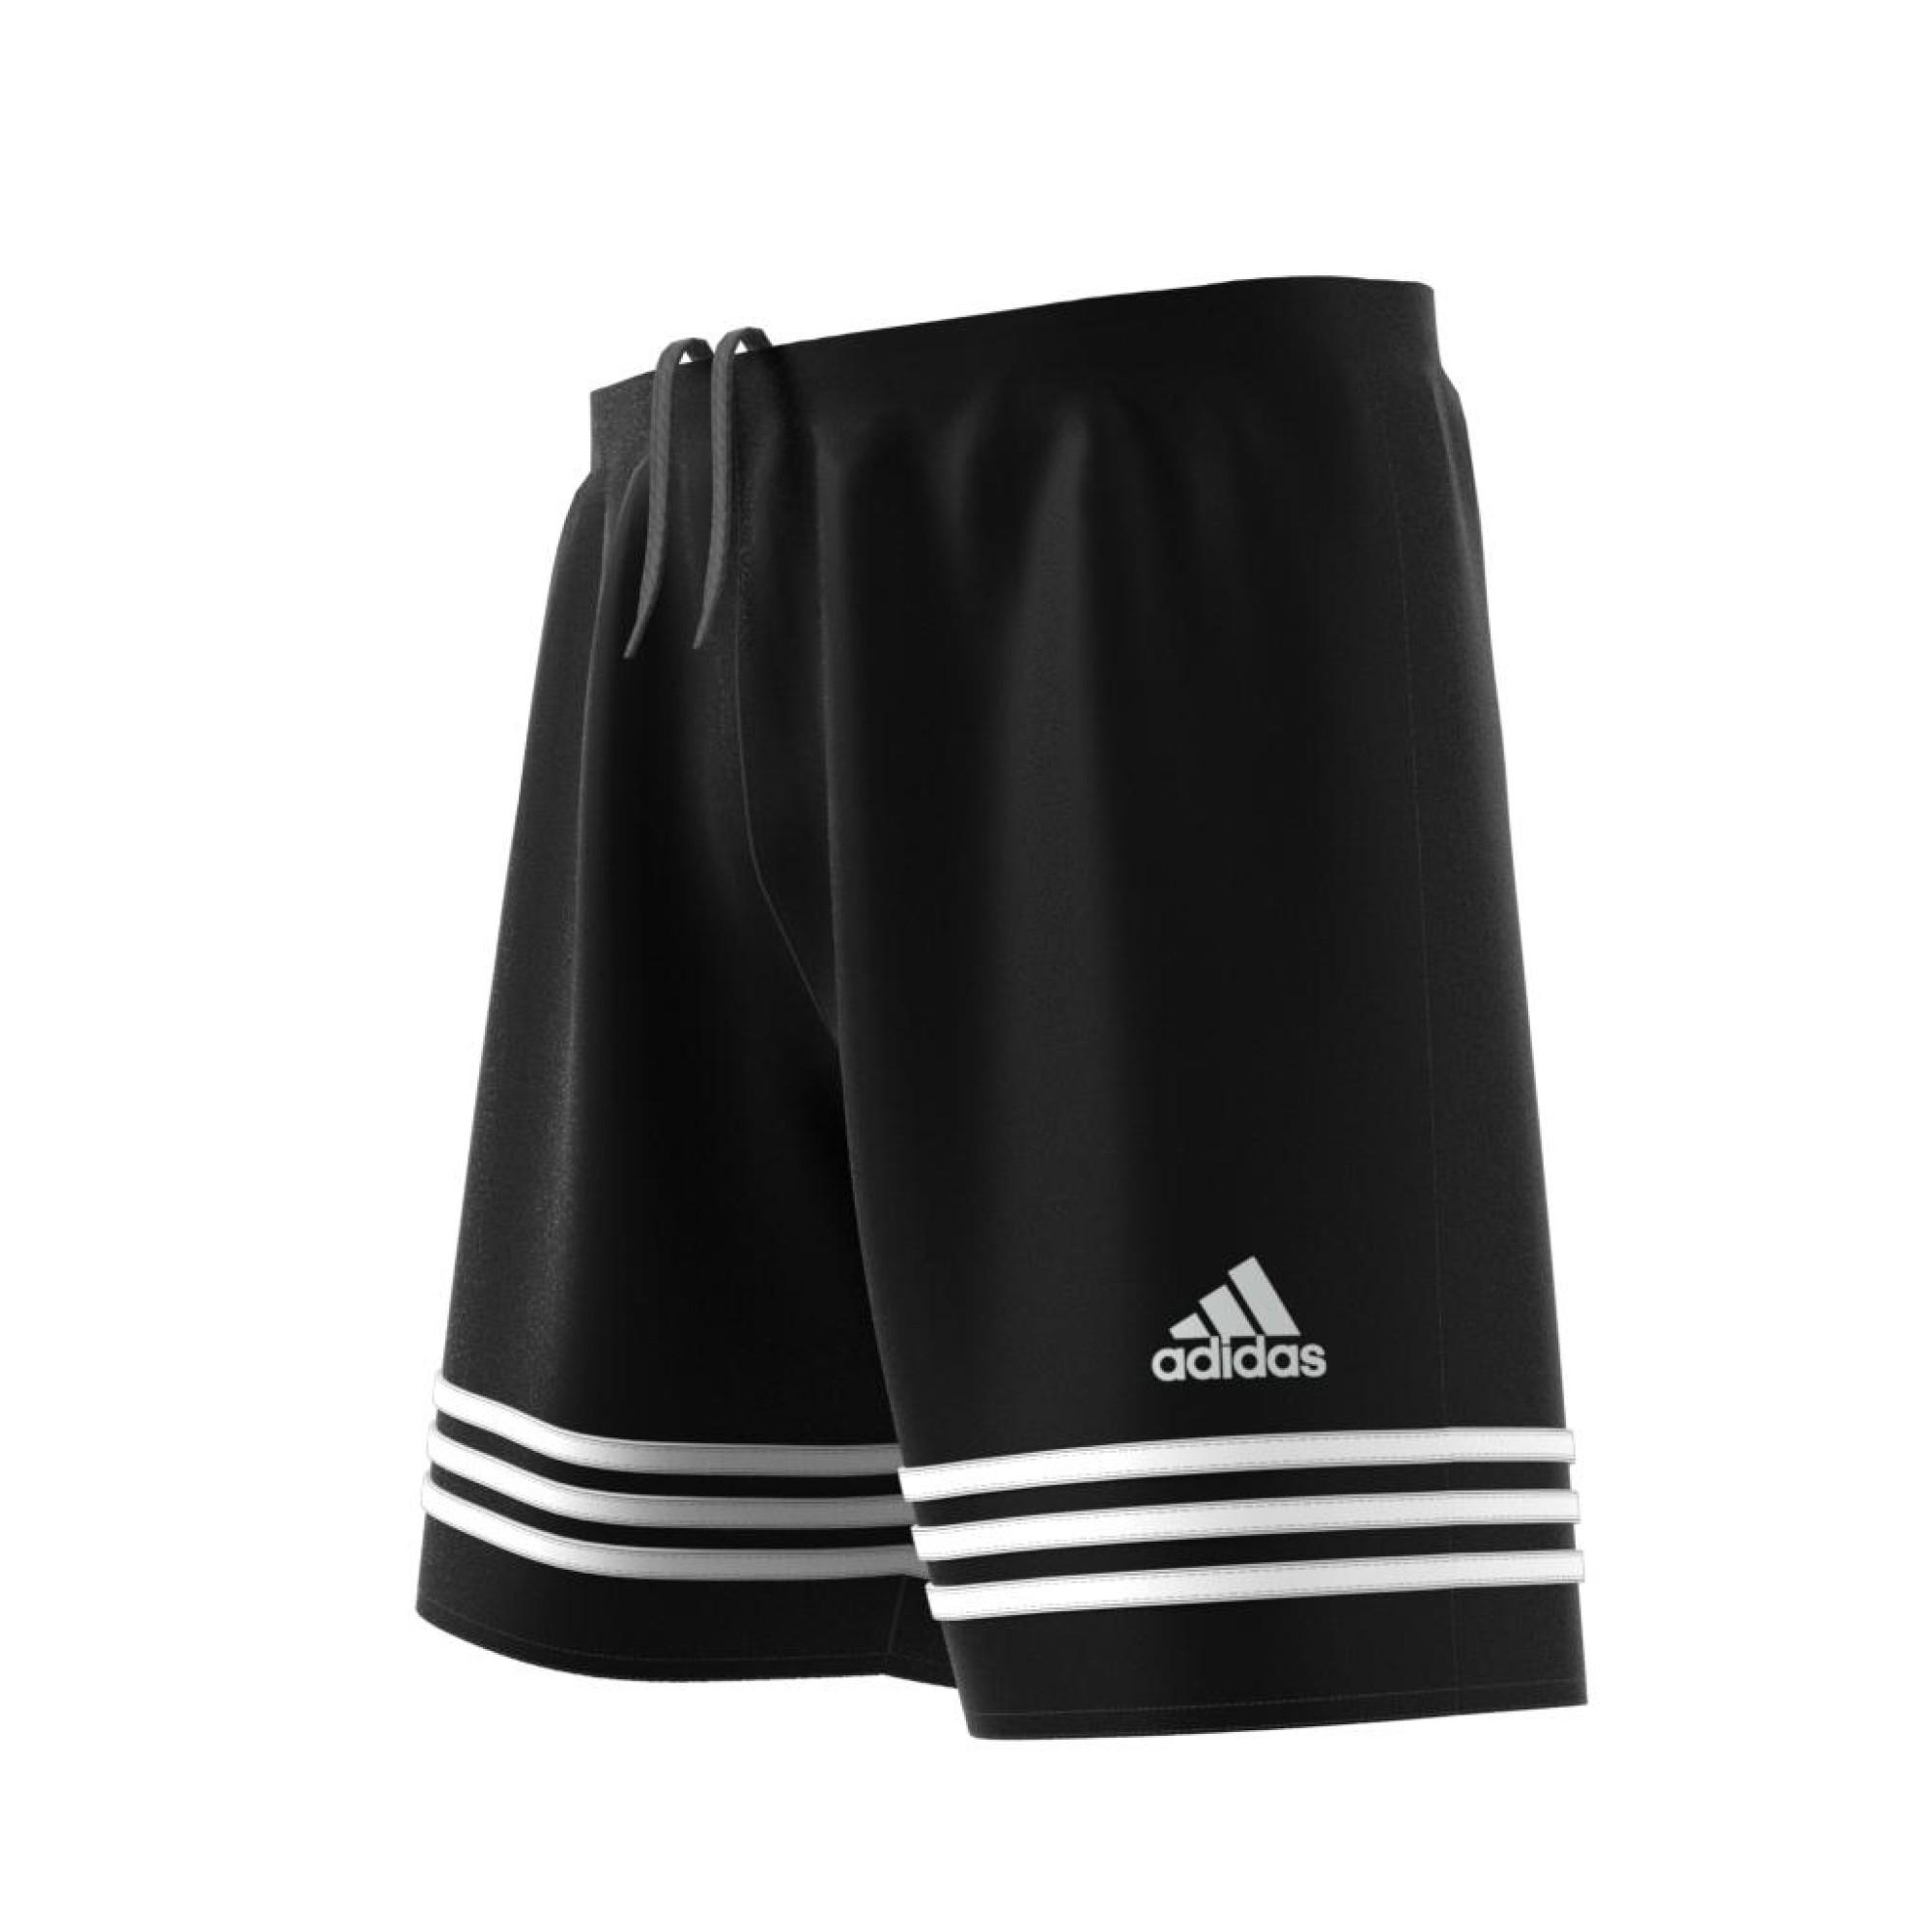 8f50450cfb calcio ADIDAS short entrada 14 team black/white f50632 - acquista s...